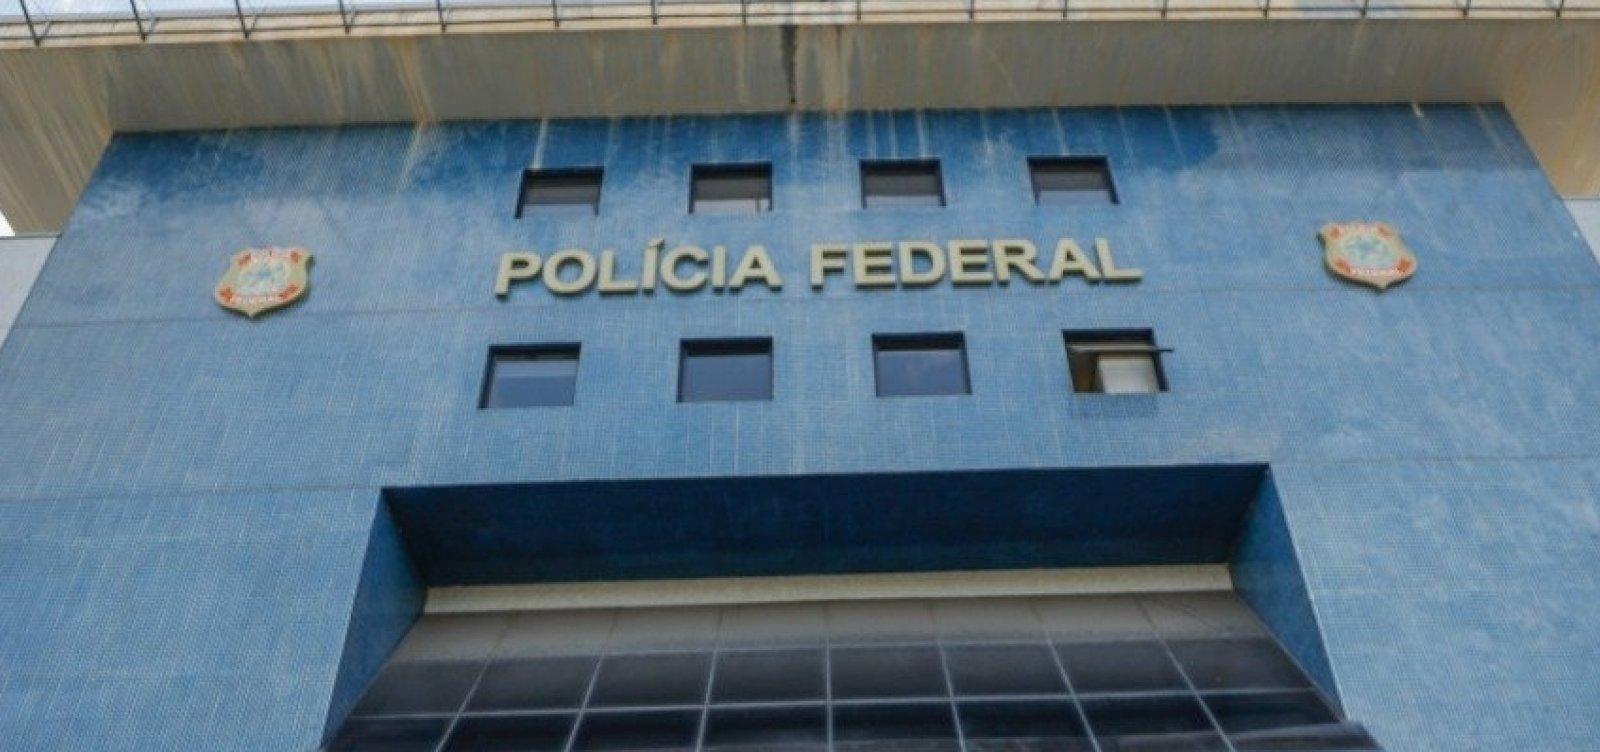 [Operação Sem Fundos: César Mata Pires Filho se entrega à PF]